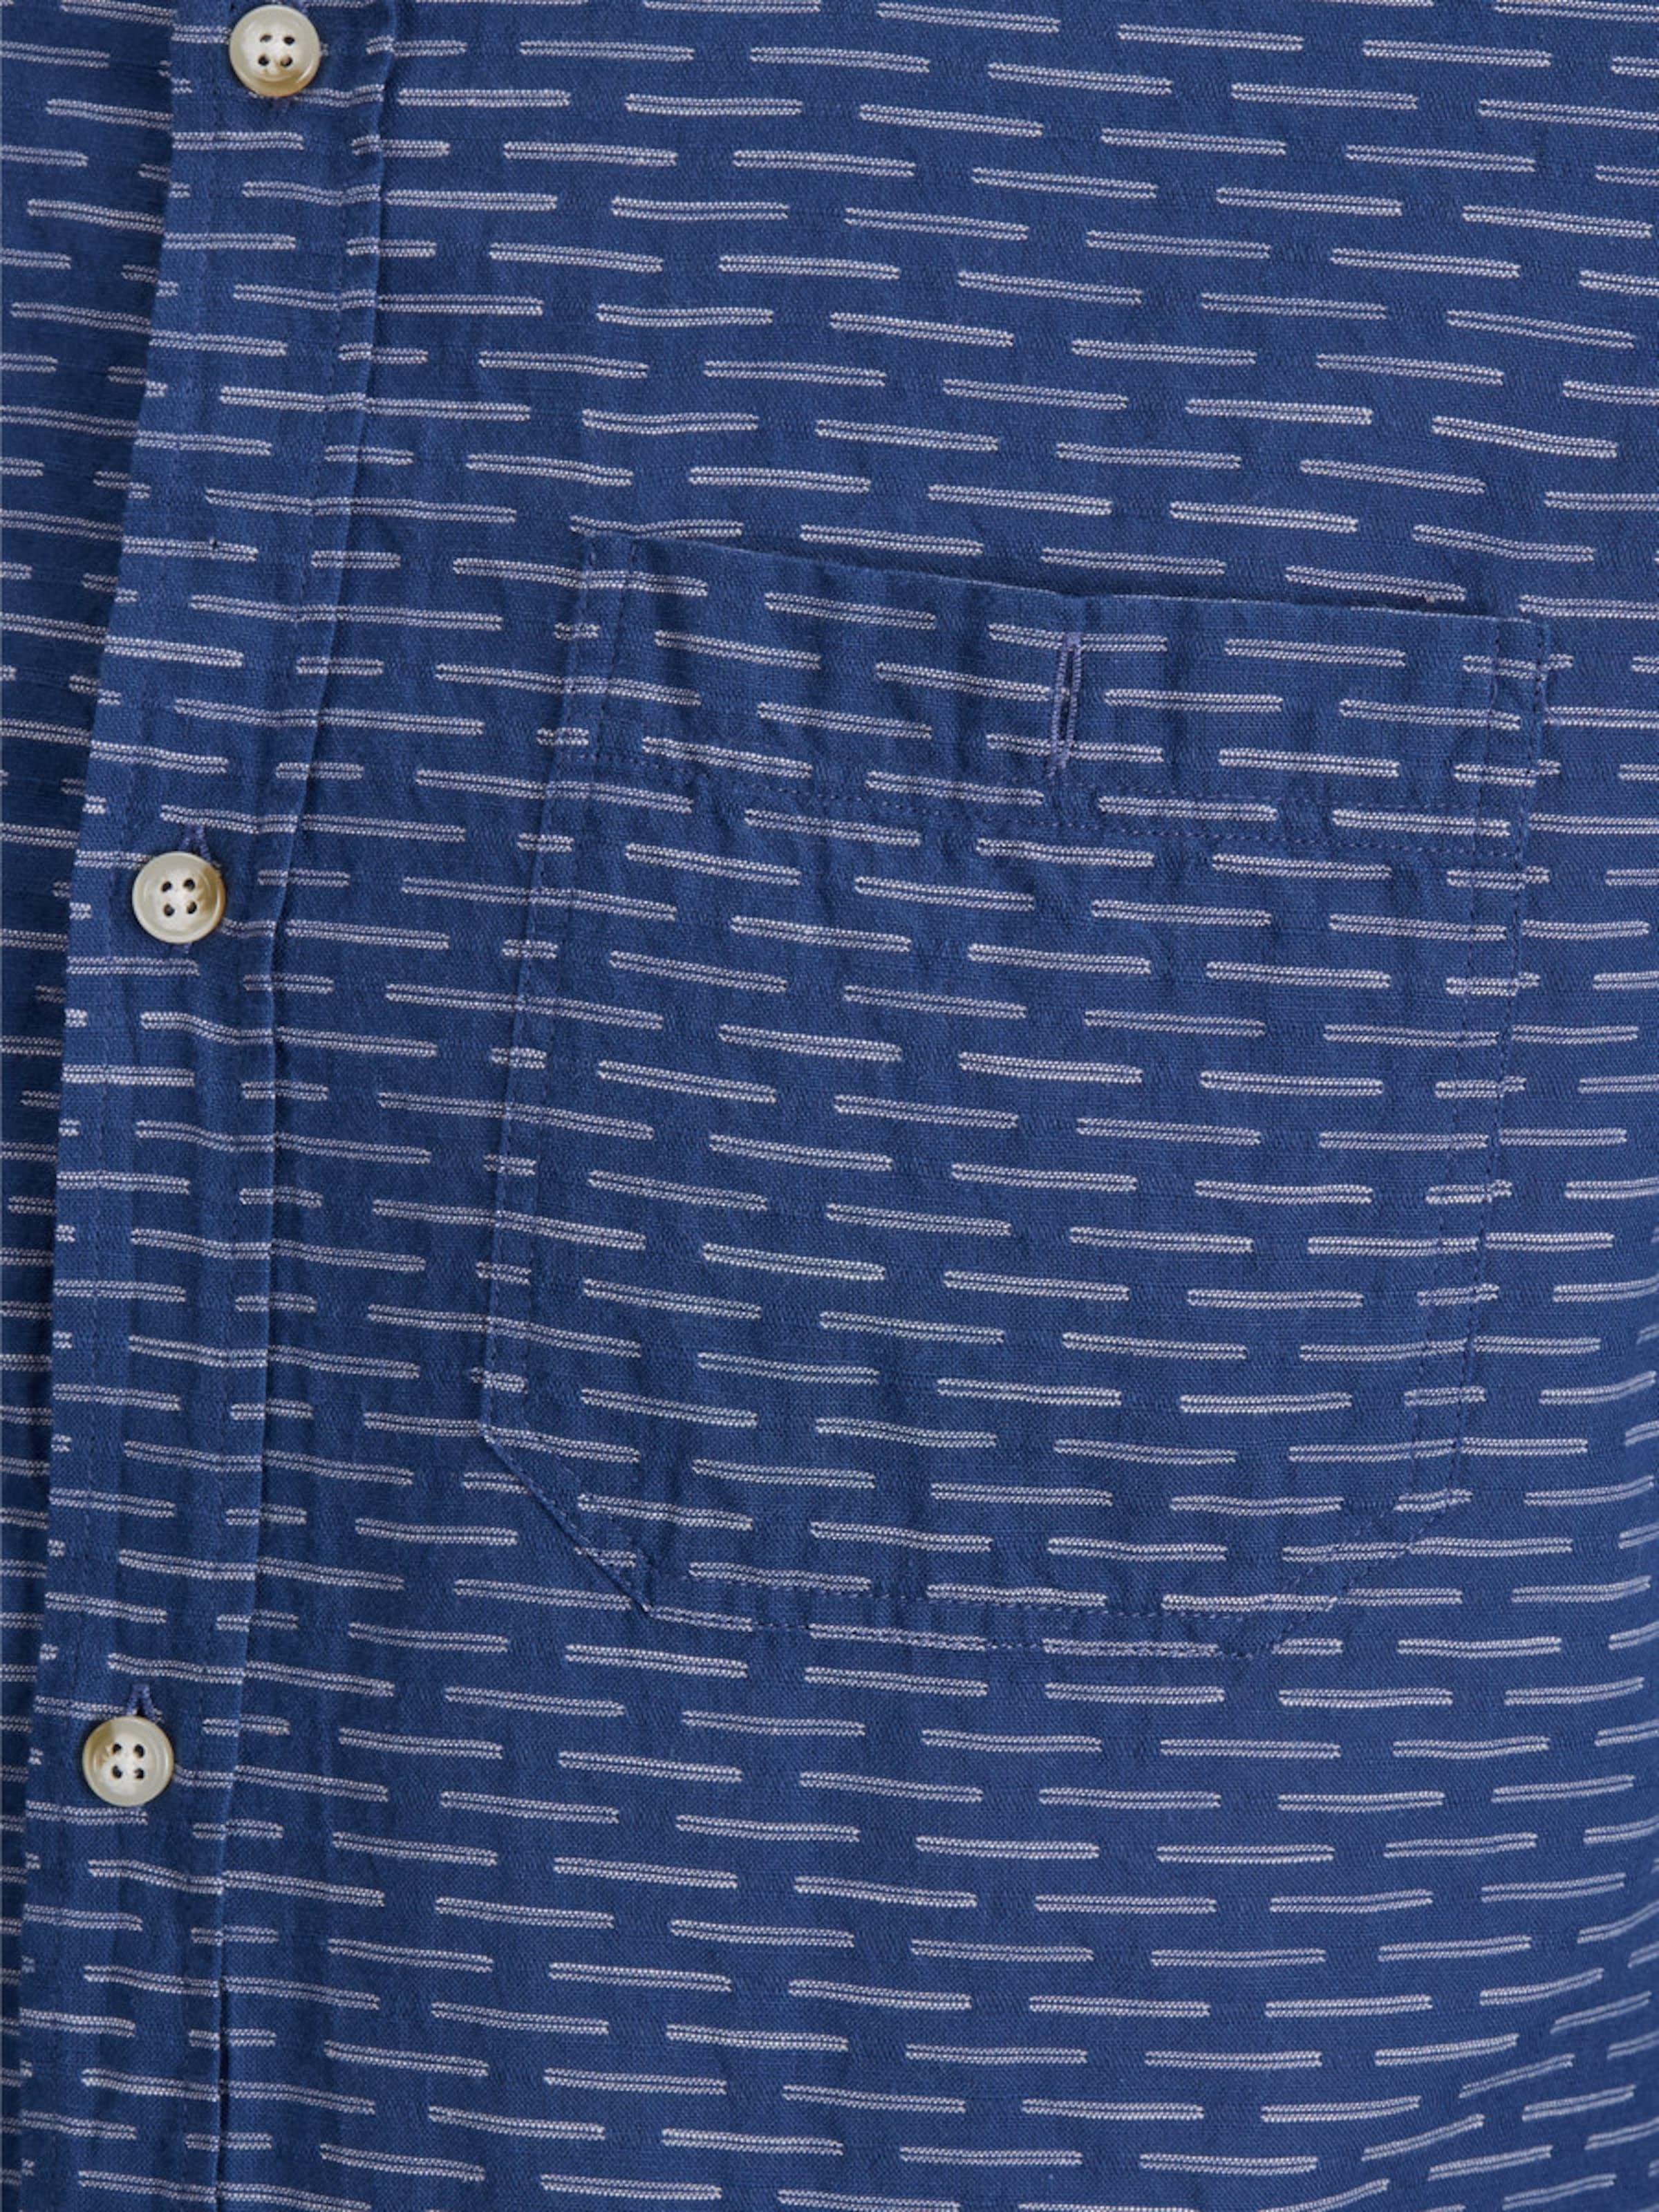 Verkauf Günstig Online Zum Verkauf Der Billigsten JACK & JONES Lässiges Langarmhemd Günstig Kaufen Freies Verschiffen 40S3Ab